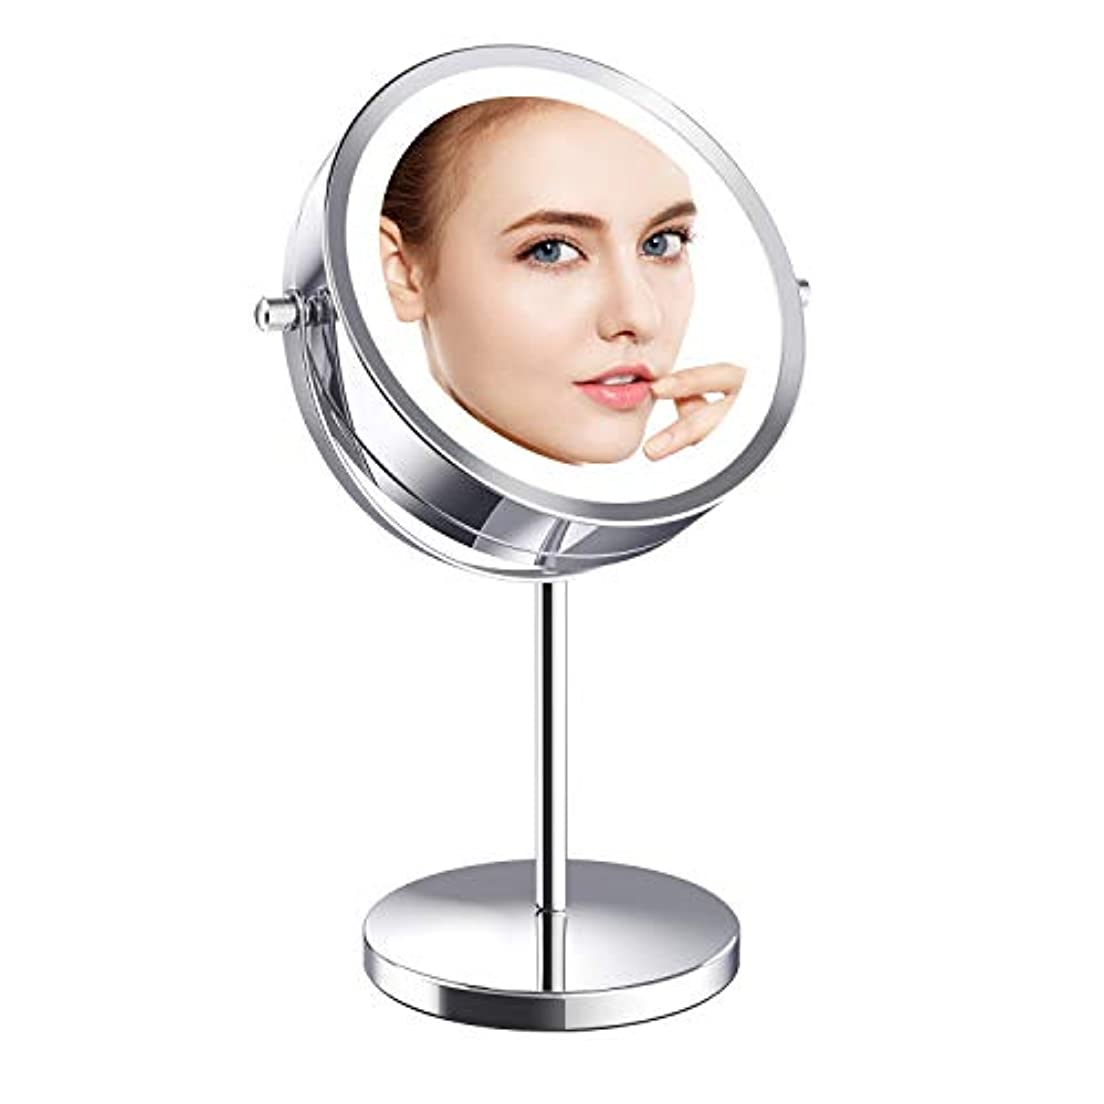 かすれたかみそり彼女はGospire 化粧鏡 10倍拡大鏡+等倍鏡 LED卓上化粧鏡 メイクミラー 両面型 360度回転式 日本語説明書付き ライティングミラー プレゼント